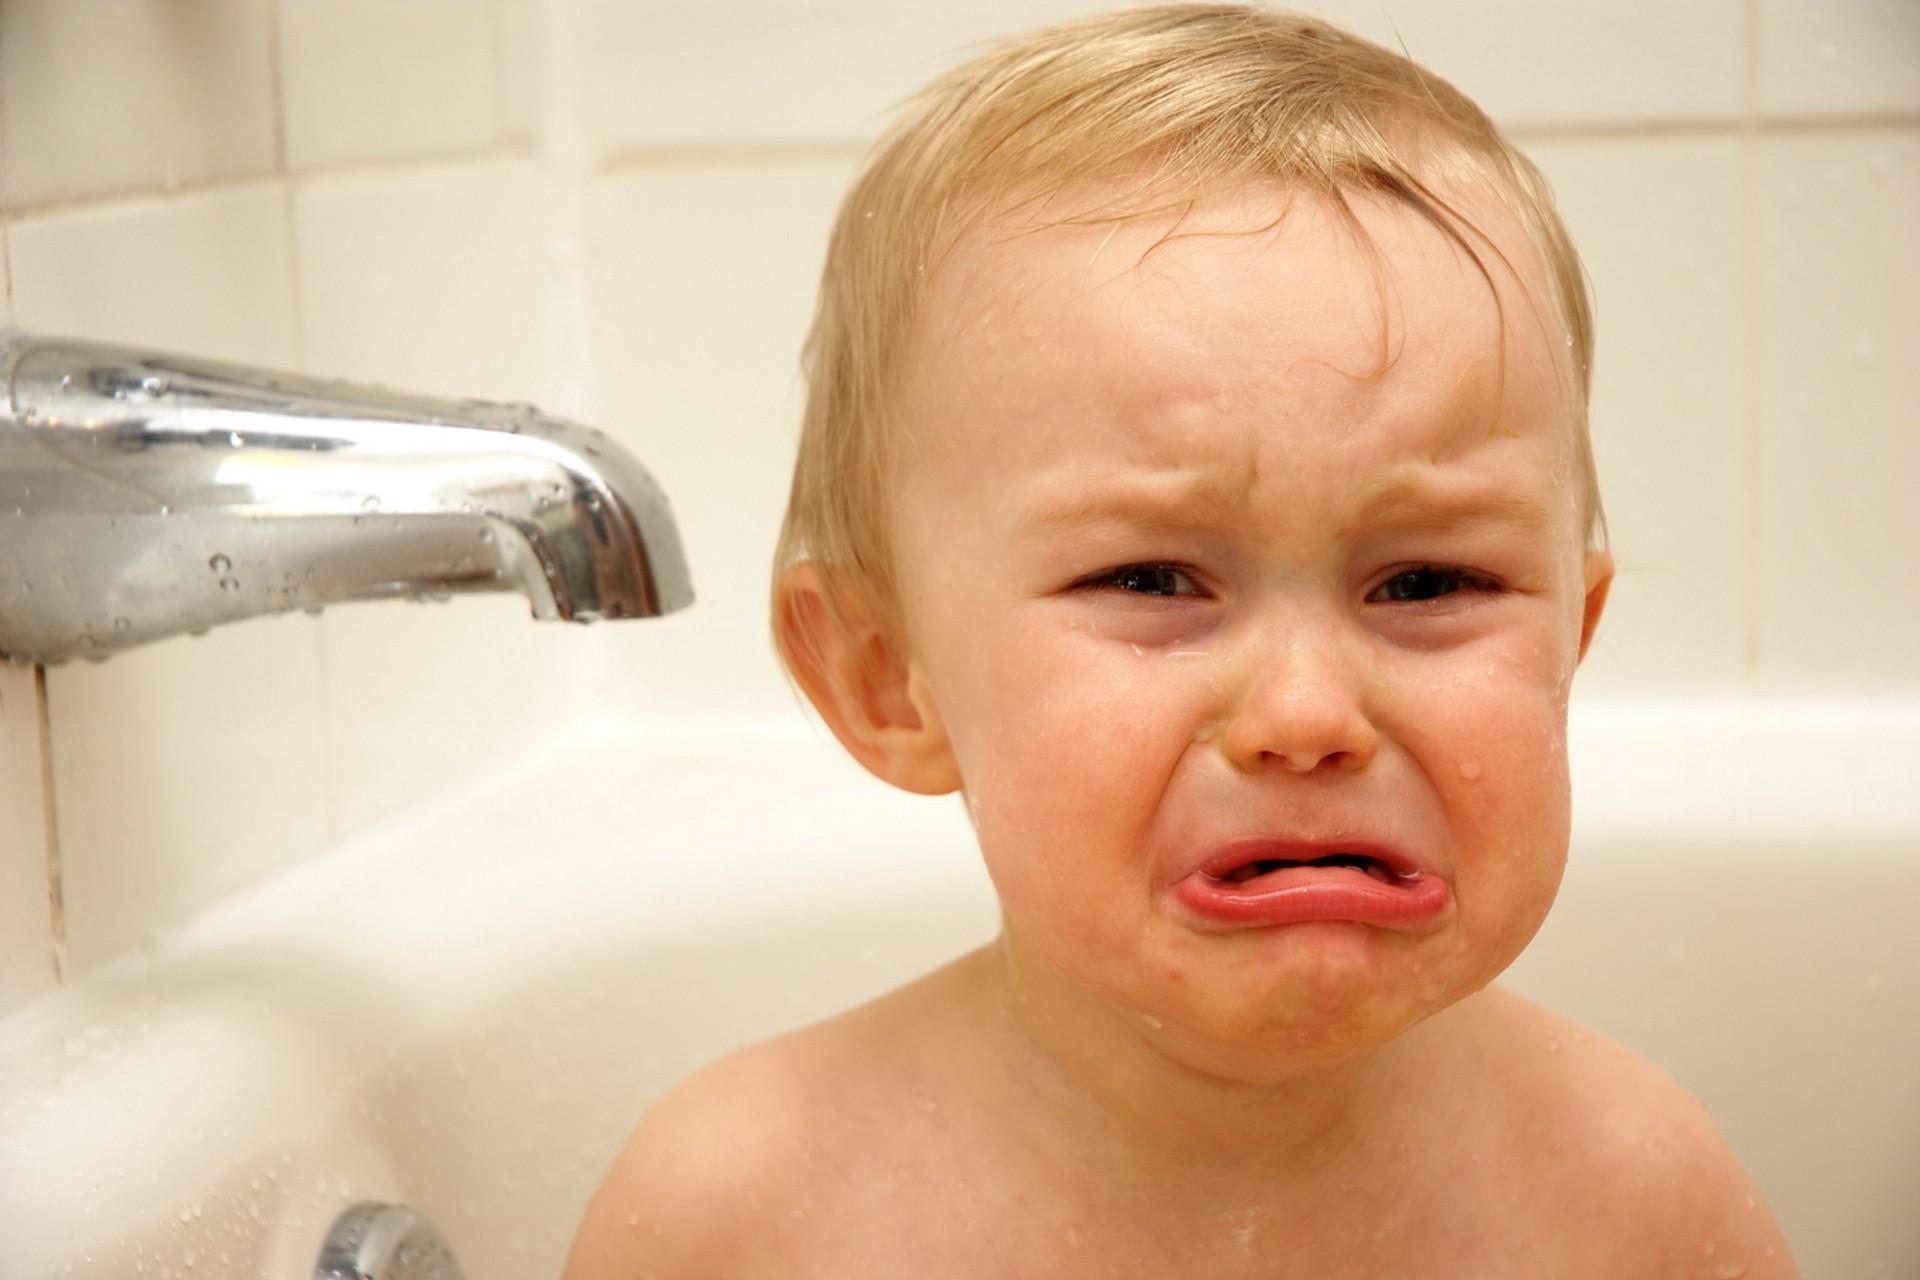 صوره صور اطفال حزينه , صور اطفال تبكي